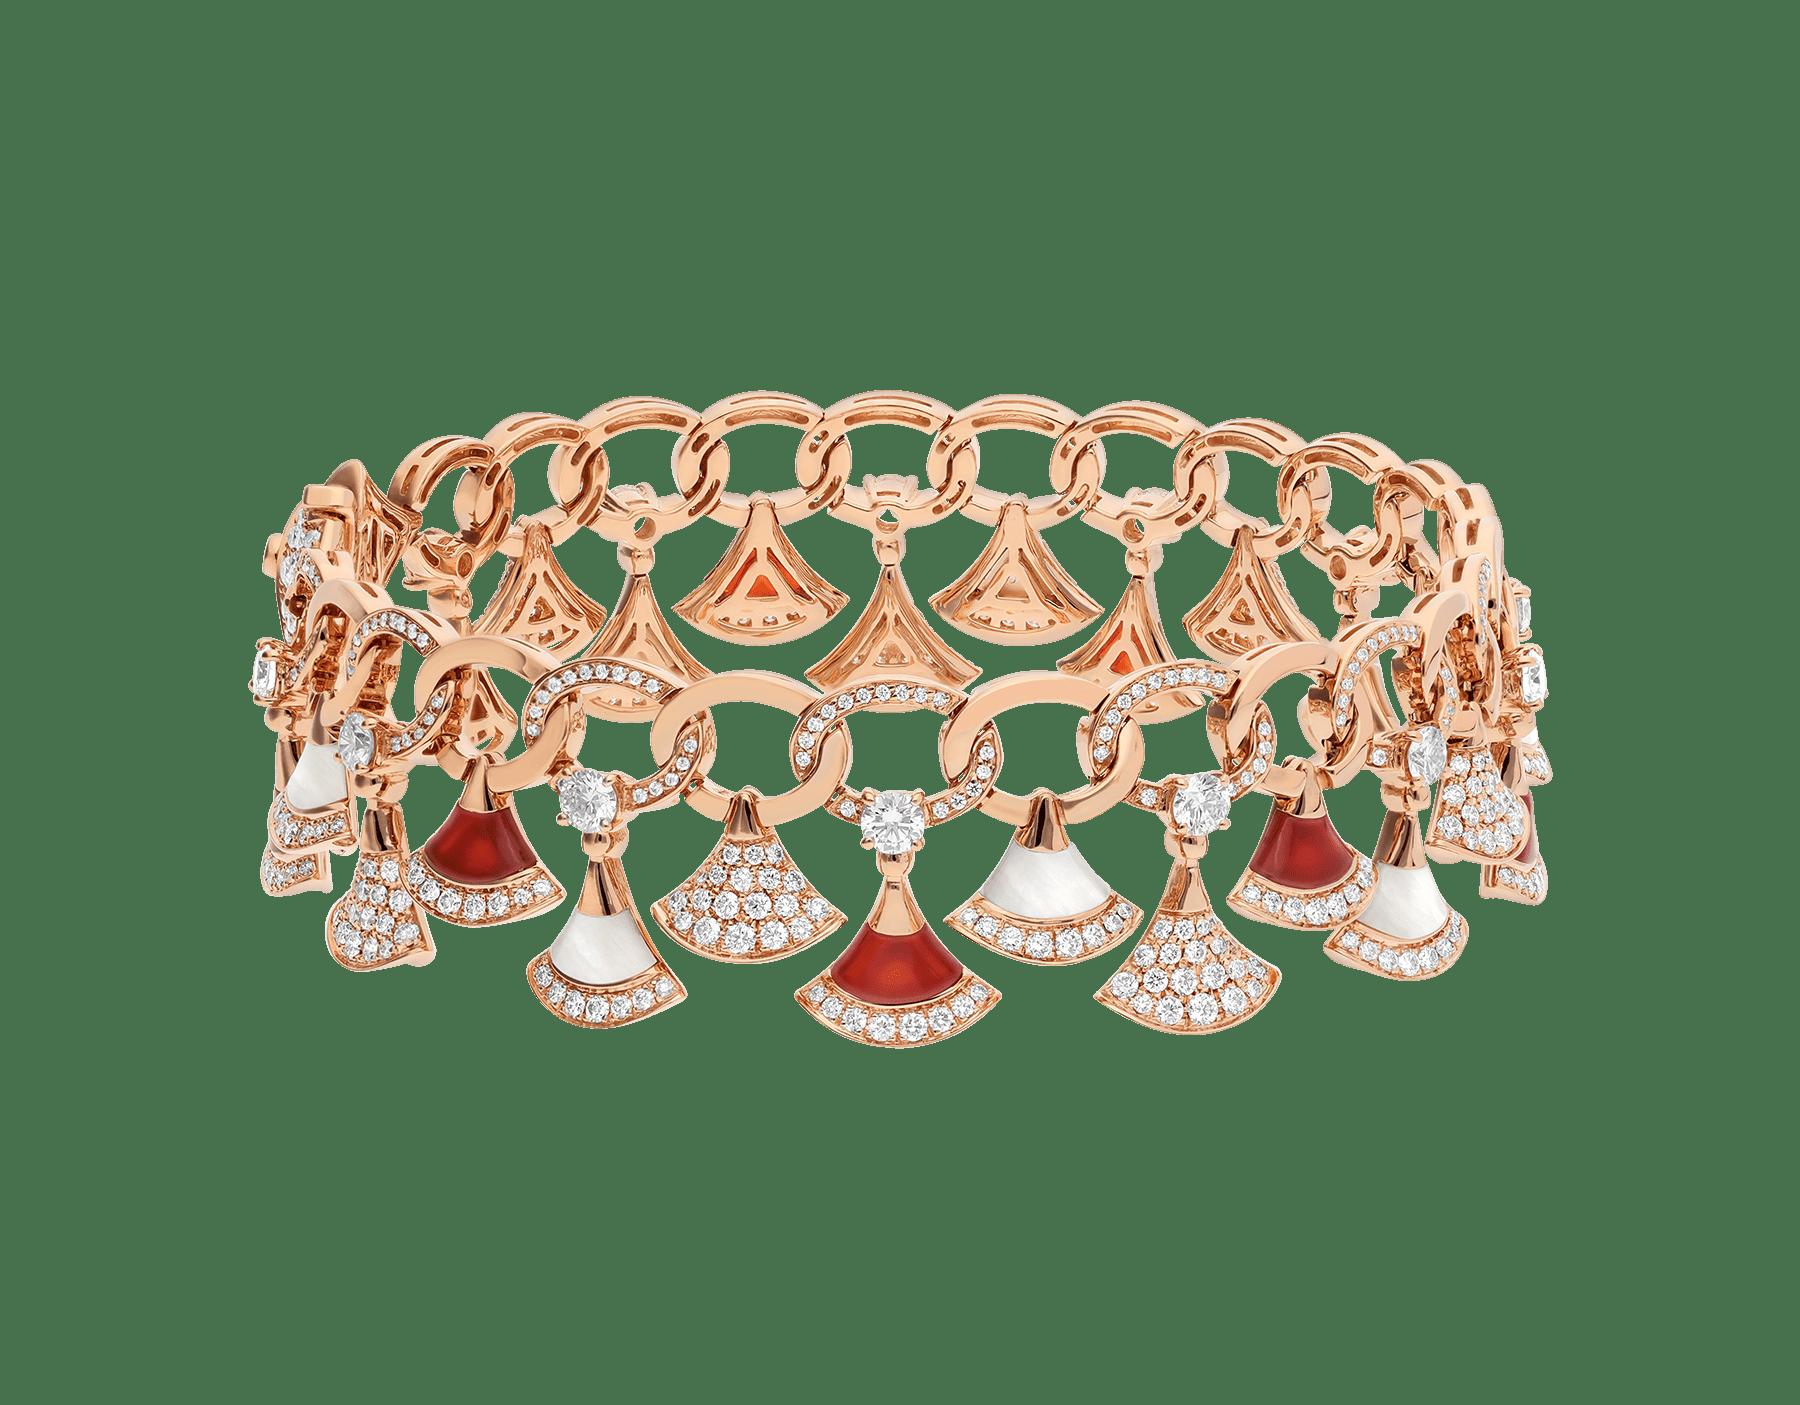 Pulsera DIVAS' DREAM en oro rosa de 18 qt con elementos de cornalina y madreperla, diamantes y pavé de diamantes (4,30 ct). BR858051 image 1